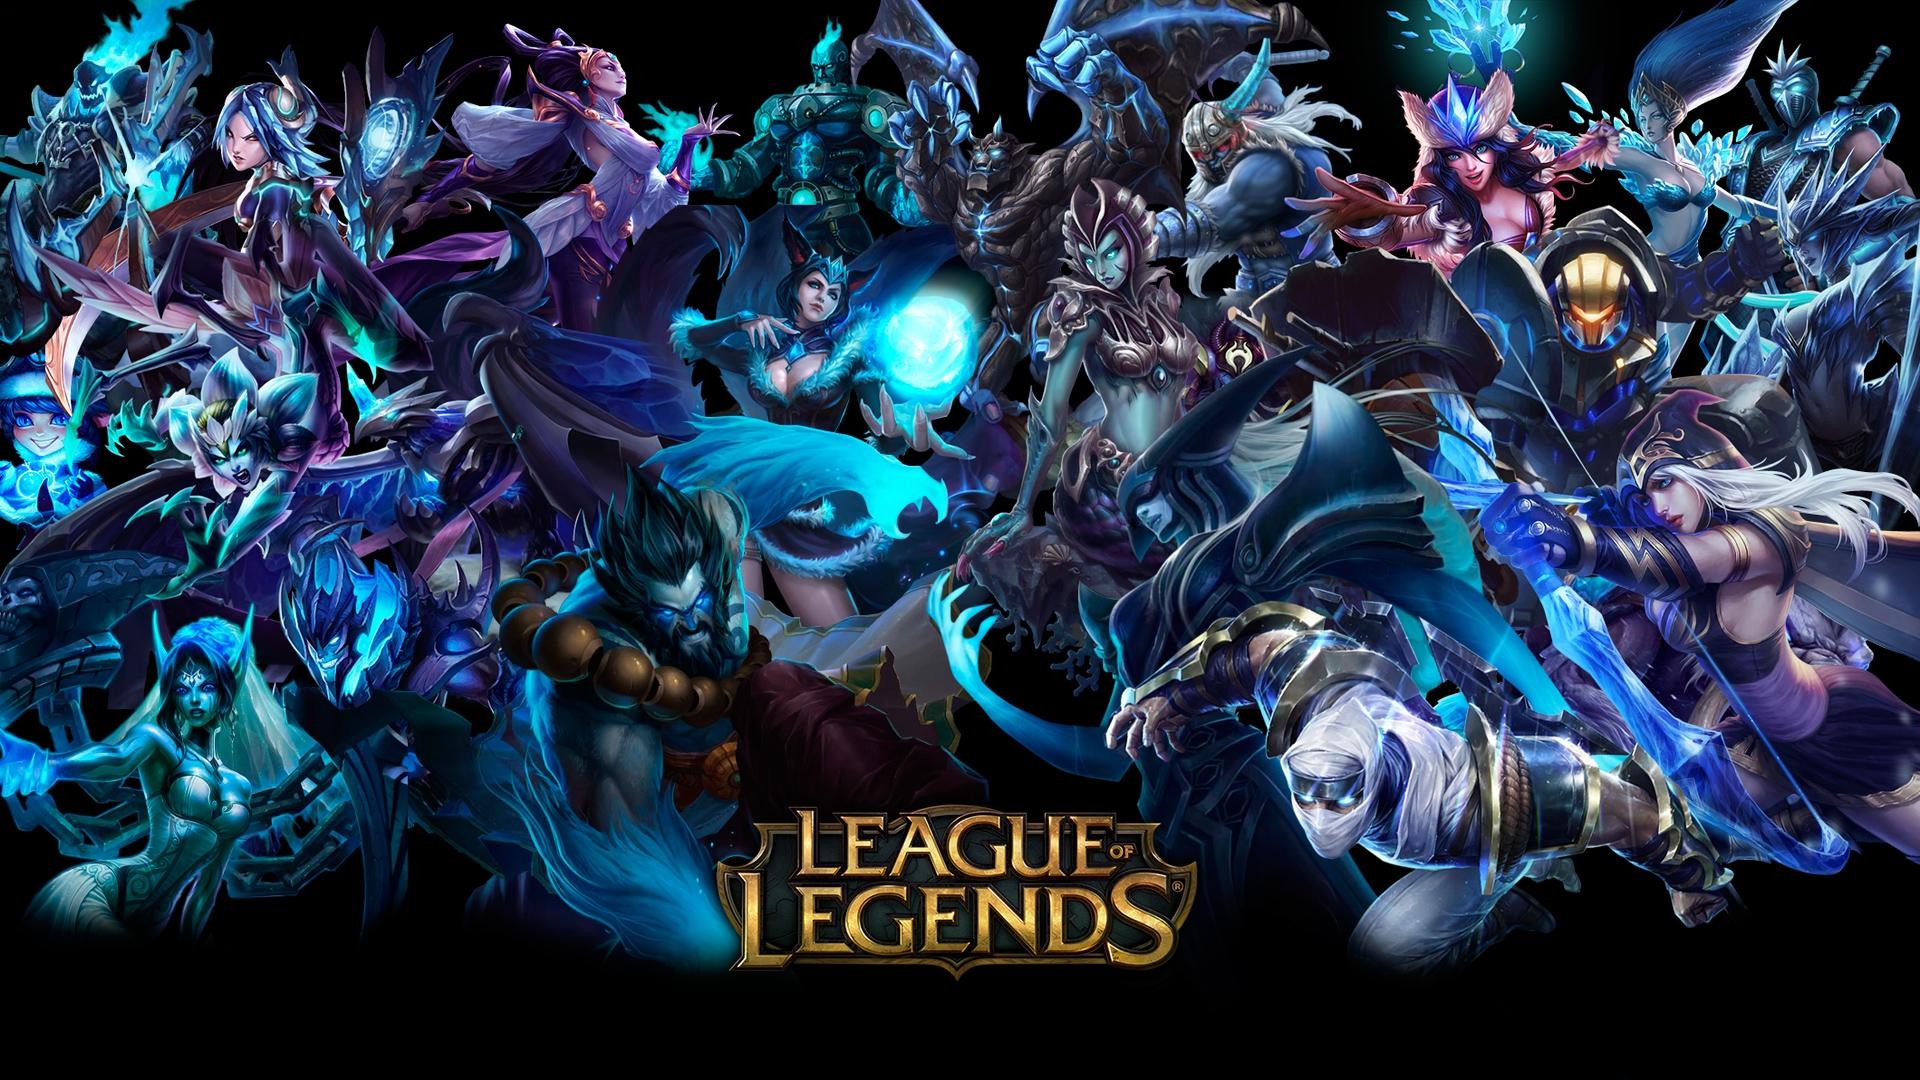 league of legends widescreen